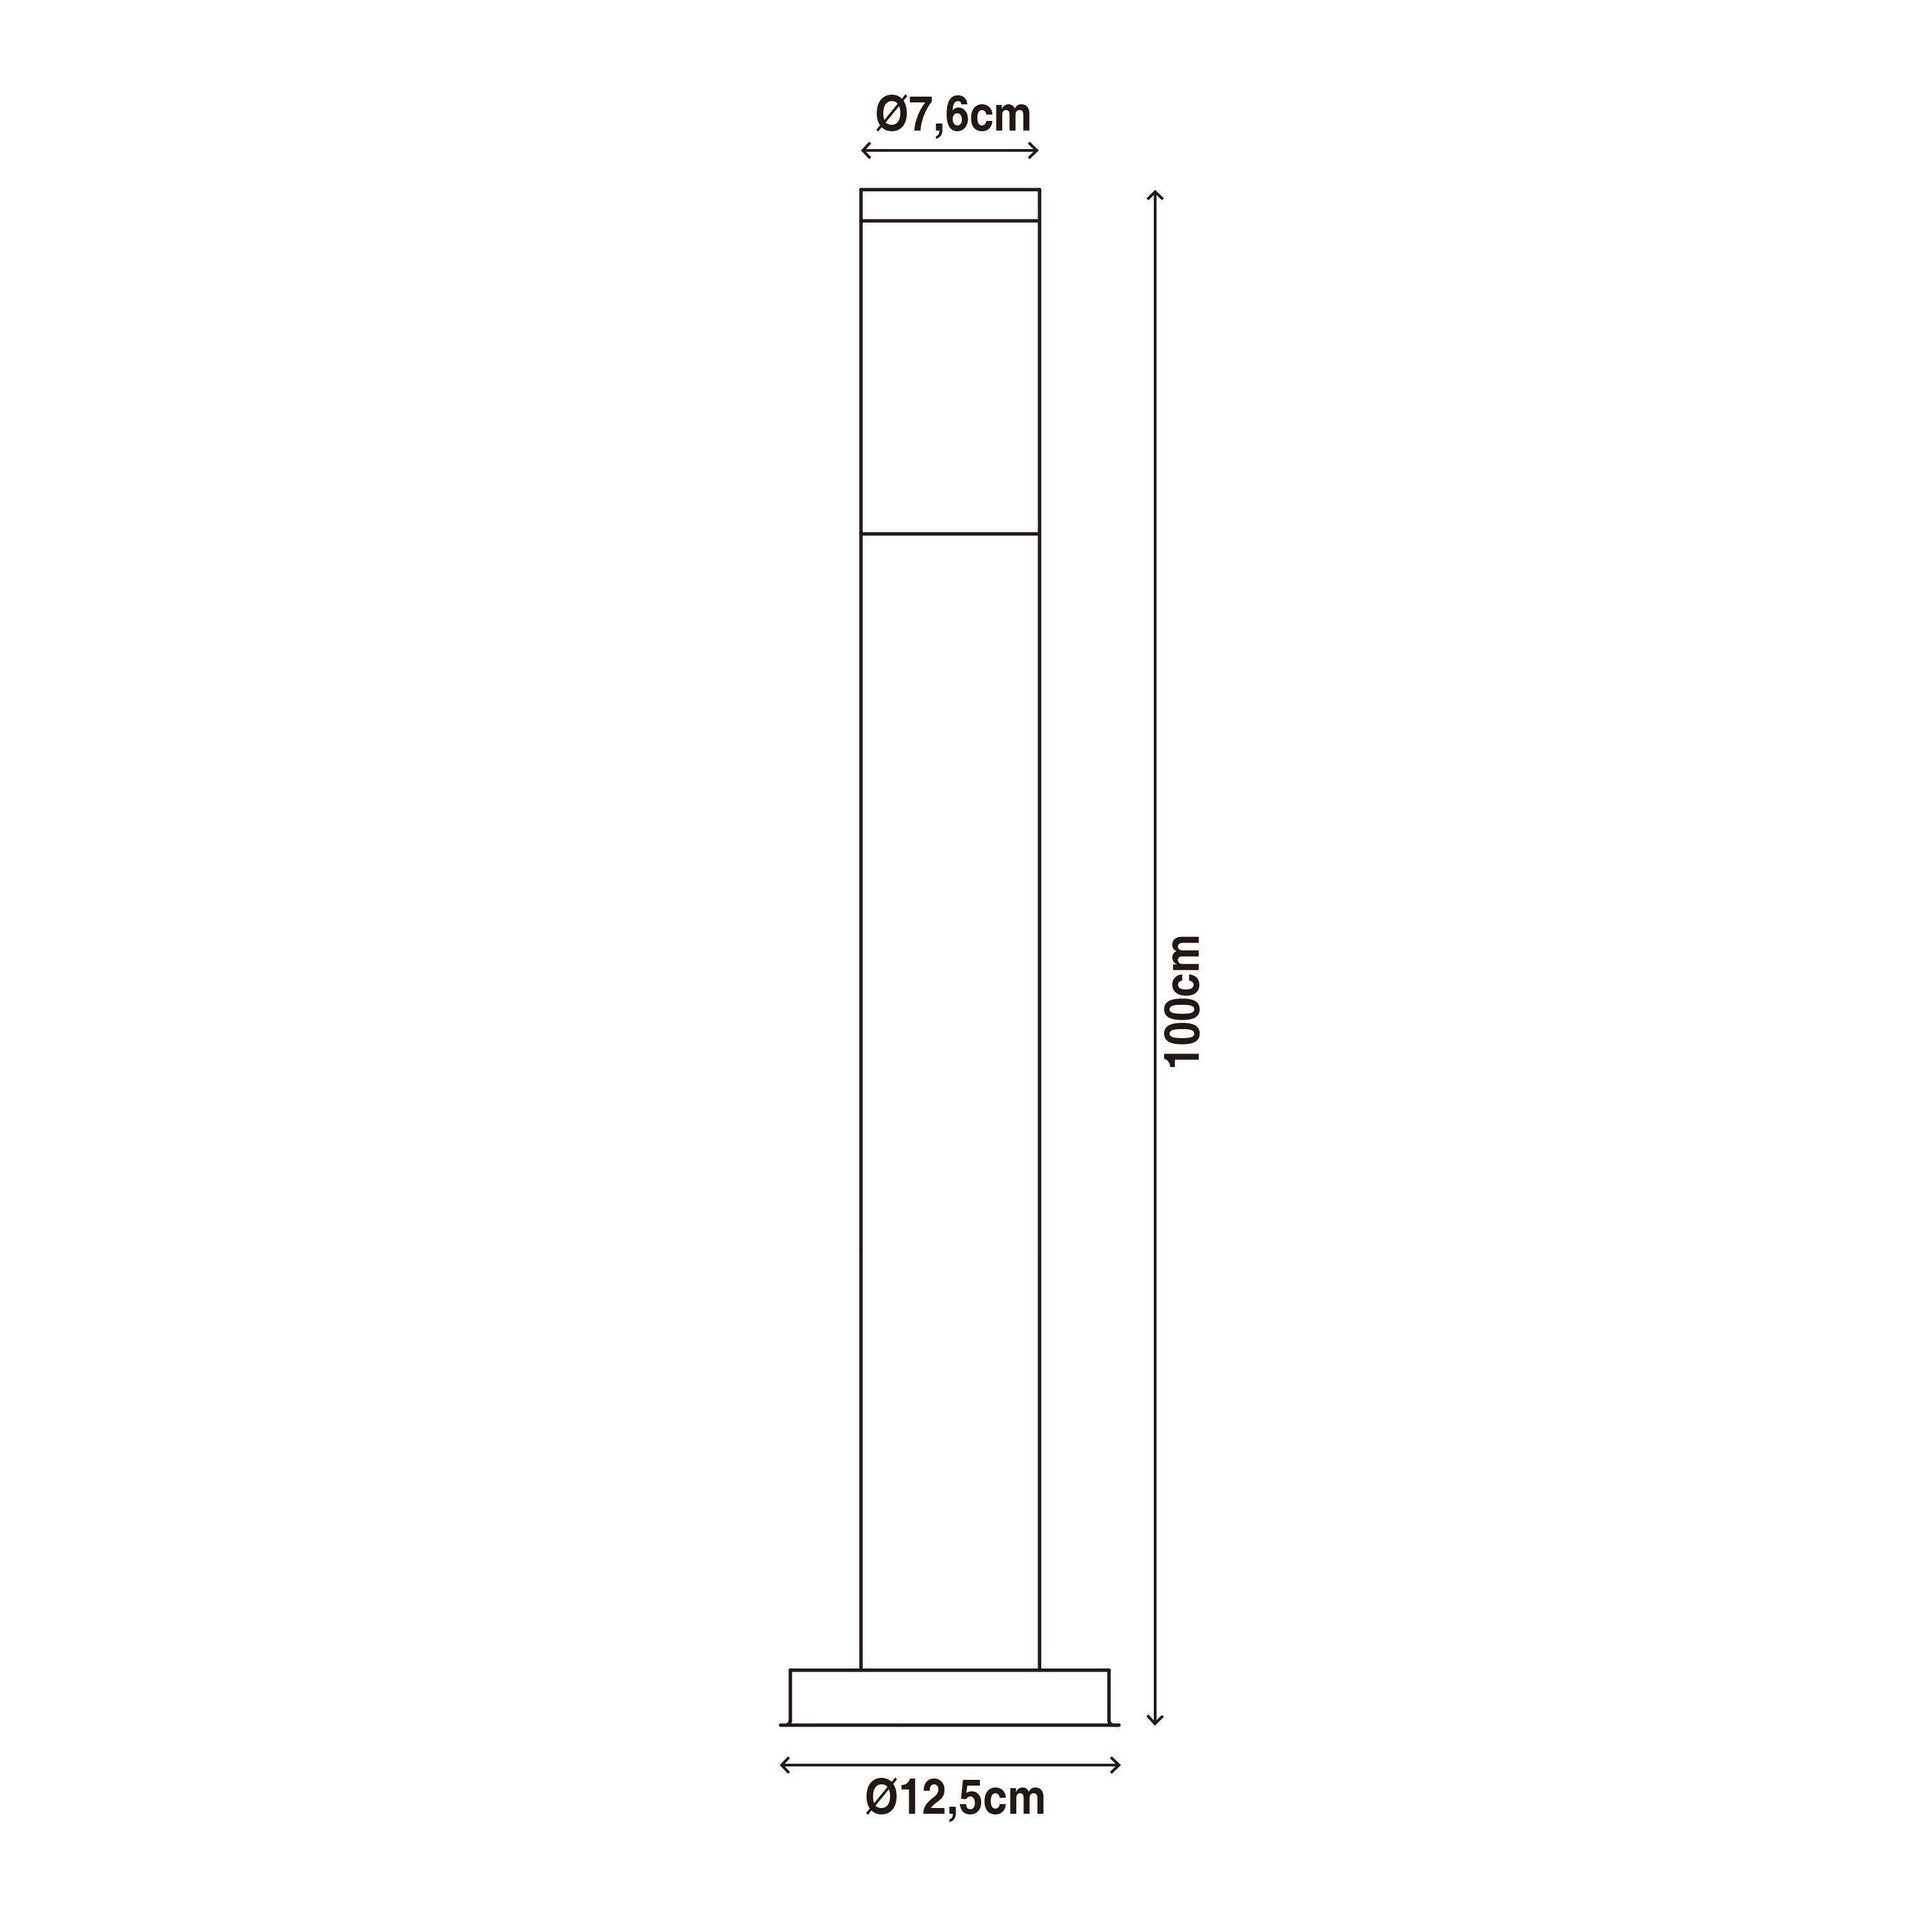 Lampione Travis H100.0 cm in acciaio inossidabile, nero, E27 1x MAX 40W IP44 INSPIRE - 6